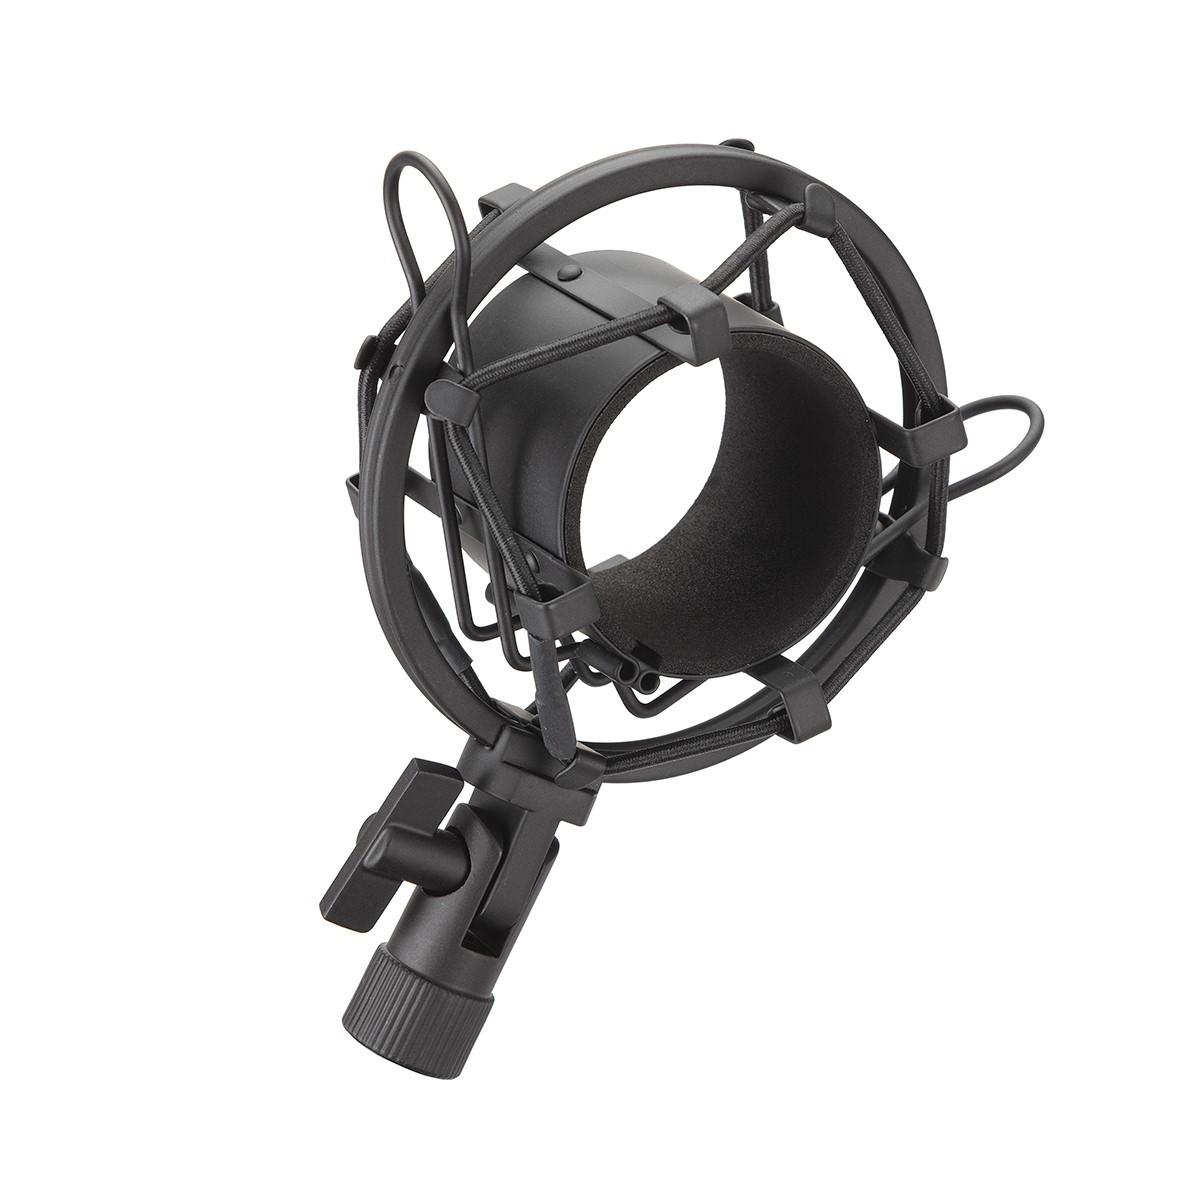 SUPPORTO ANTIVIBRAZIONE SOUNDSATION SH-250 PER MICROFONO